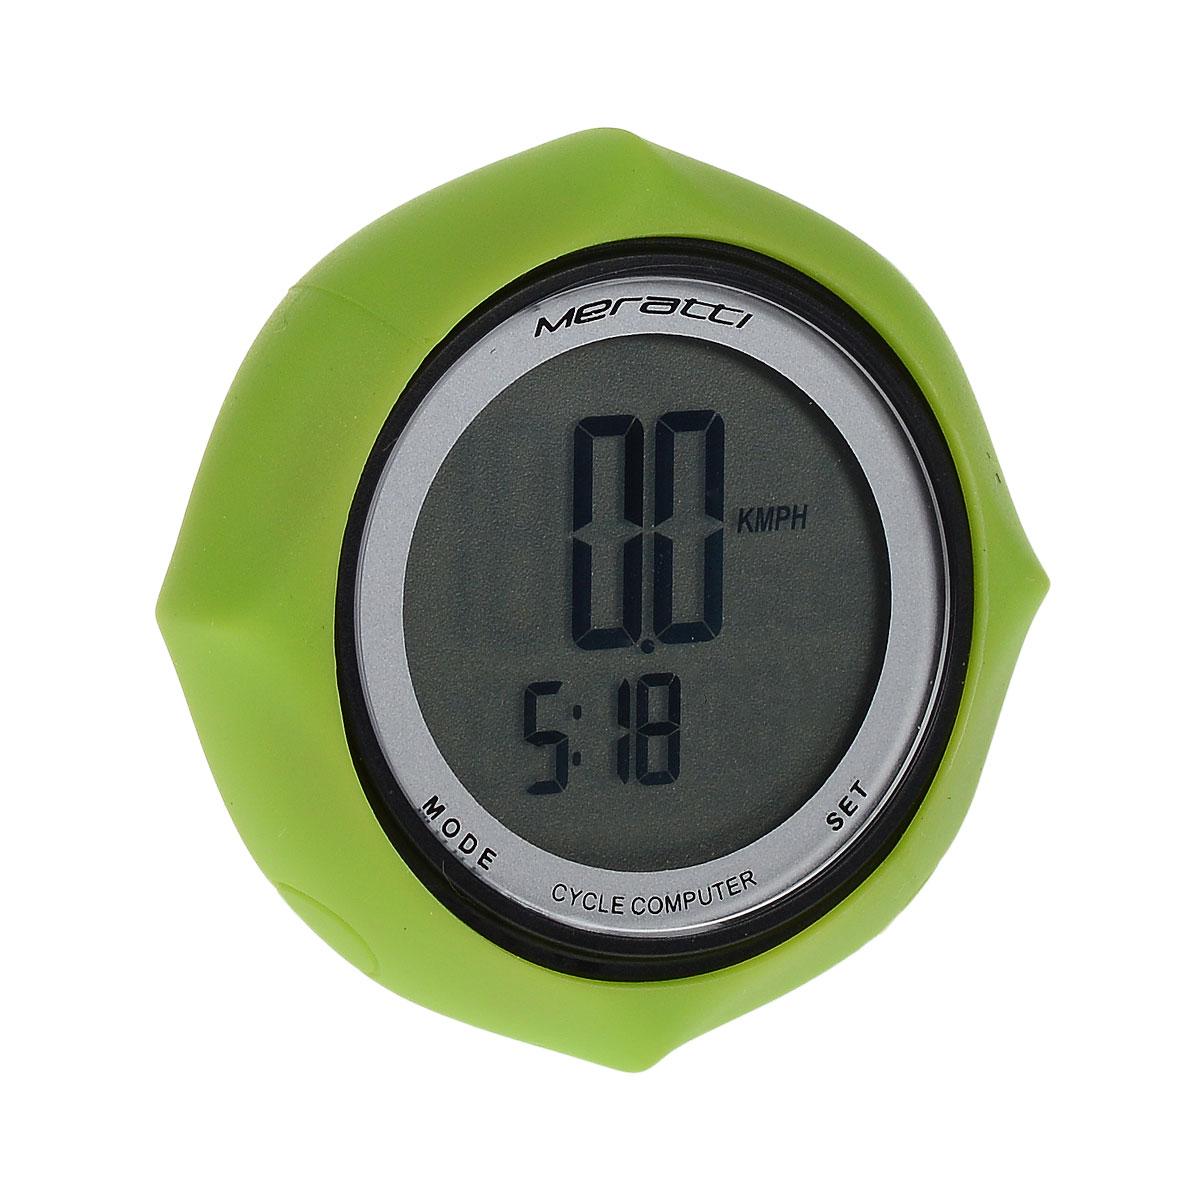 Велокомпьютер проводной Meratti, цвет: черный, зеленыйC011Проводной велокомпьютер Meratti выполнен из высококачественного прочного ПВХ с силиконовым обрамлением. Компьютер питается от 1 батарейки CR2032 (в комплекте). Показания монитора: время (часы, минуты, секунды), скорость, средняя скорость, максимальная скорость, тенденция скорости, время поездки, суммарное время пробега, общий пробег, общий расход калорий. Режимы: SCAN.